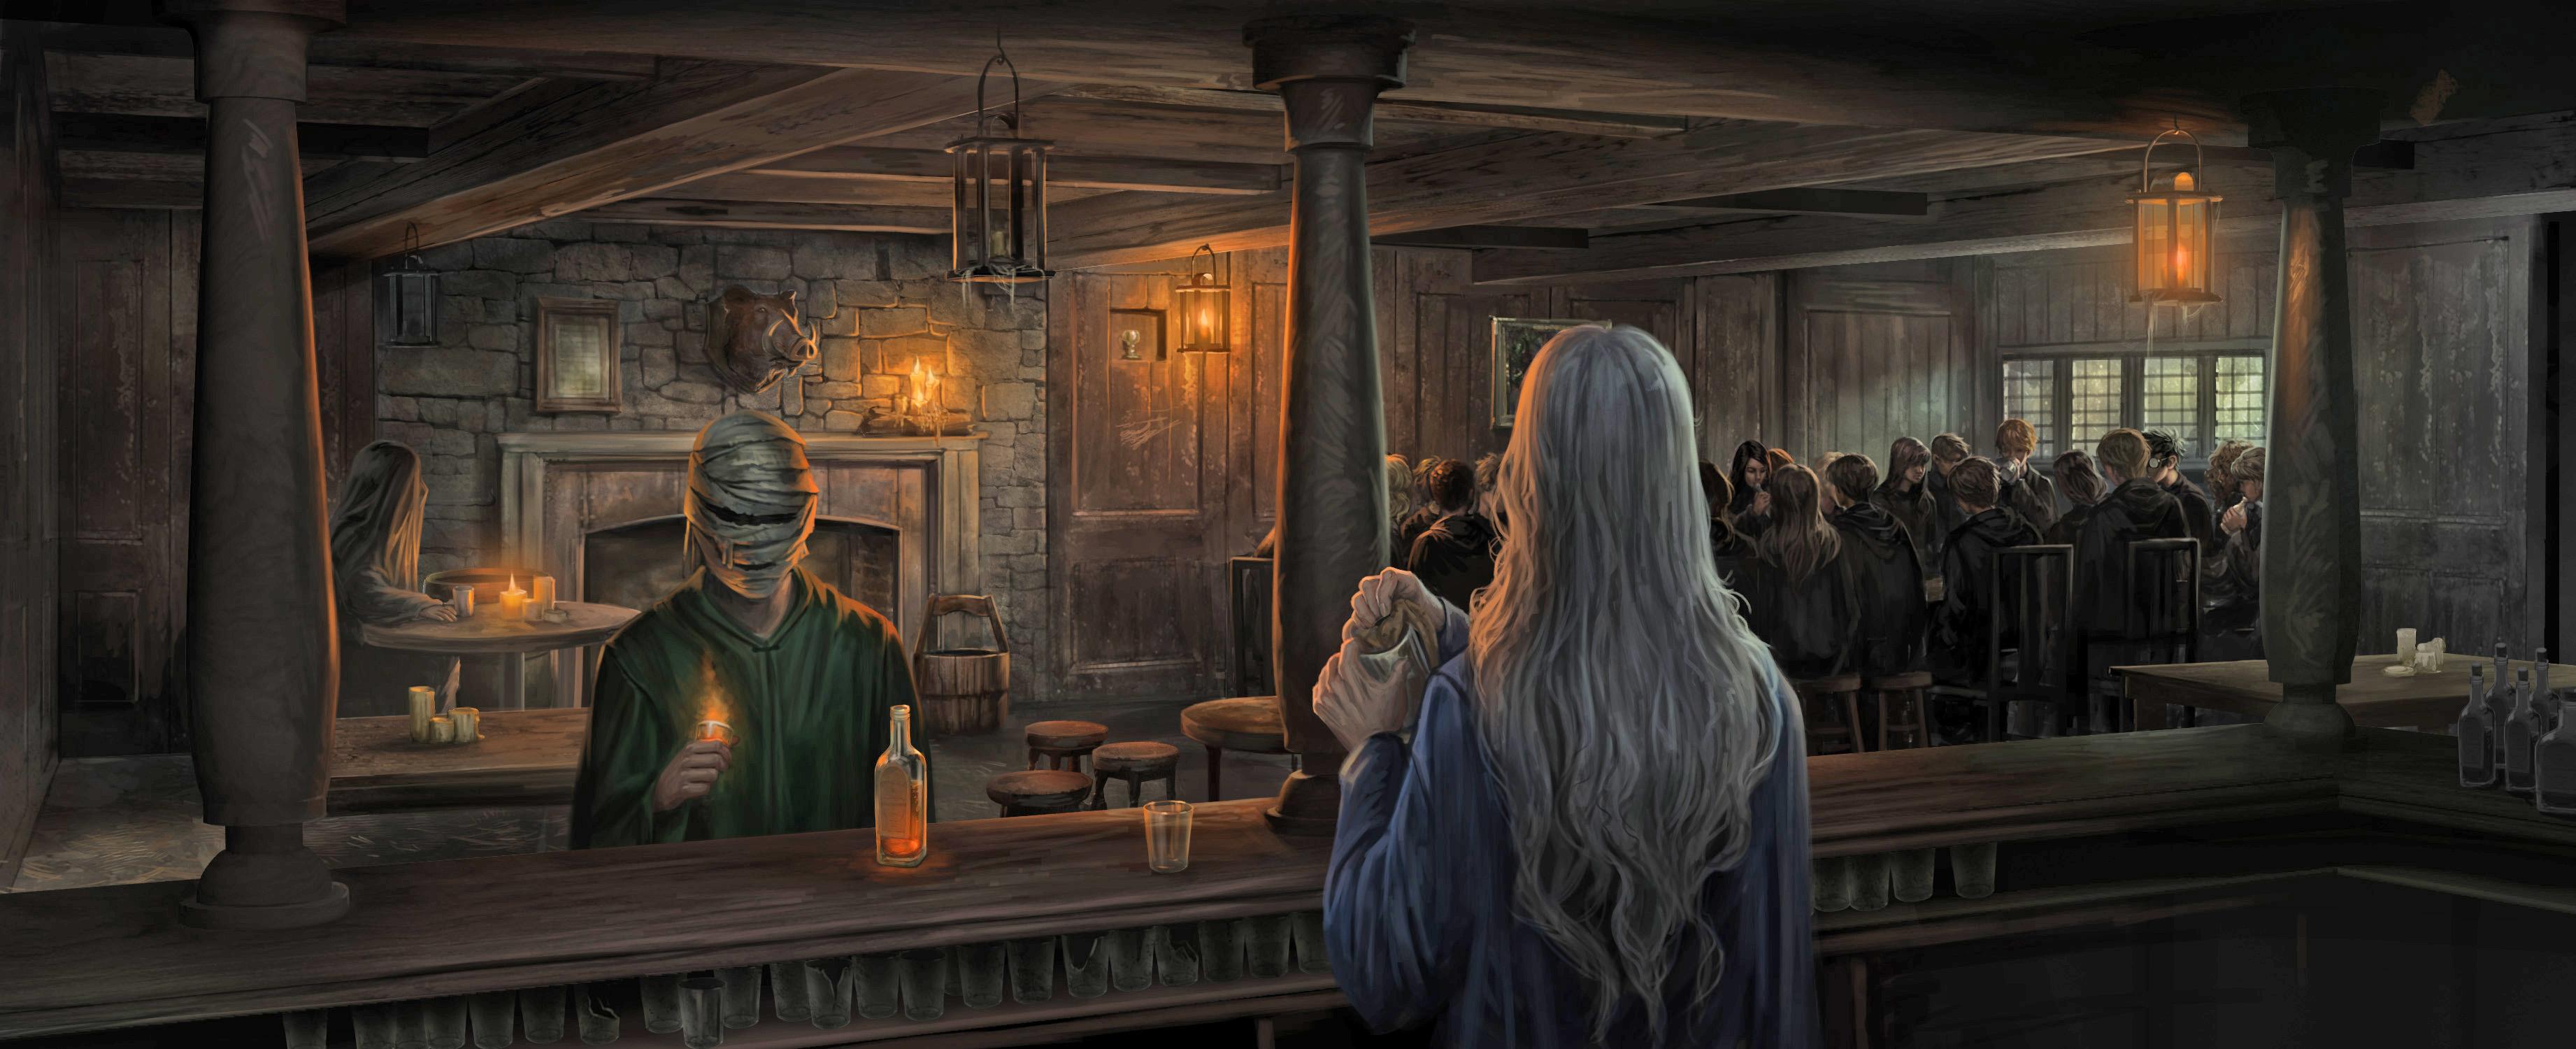 阿不福思·鄧布利多:誰說我已繳械投降?   Hogwarts Modern History